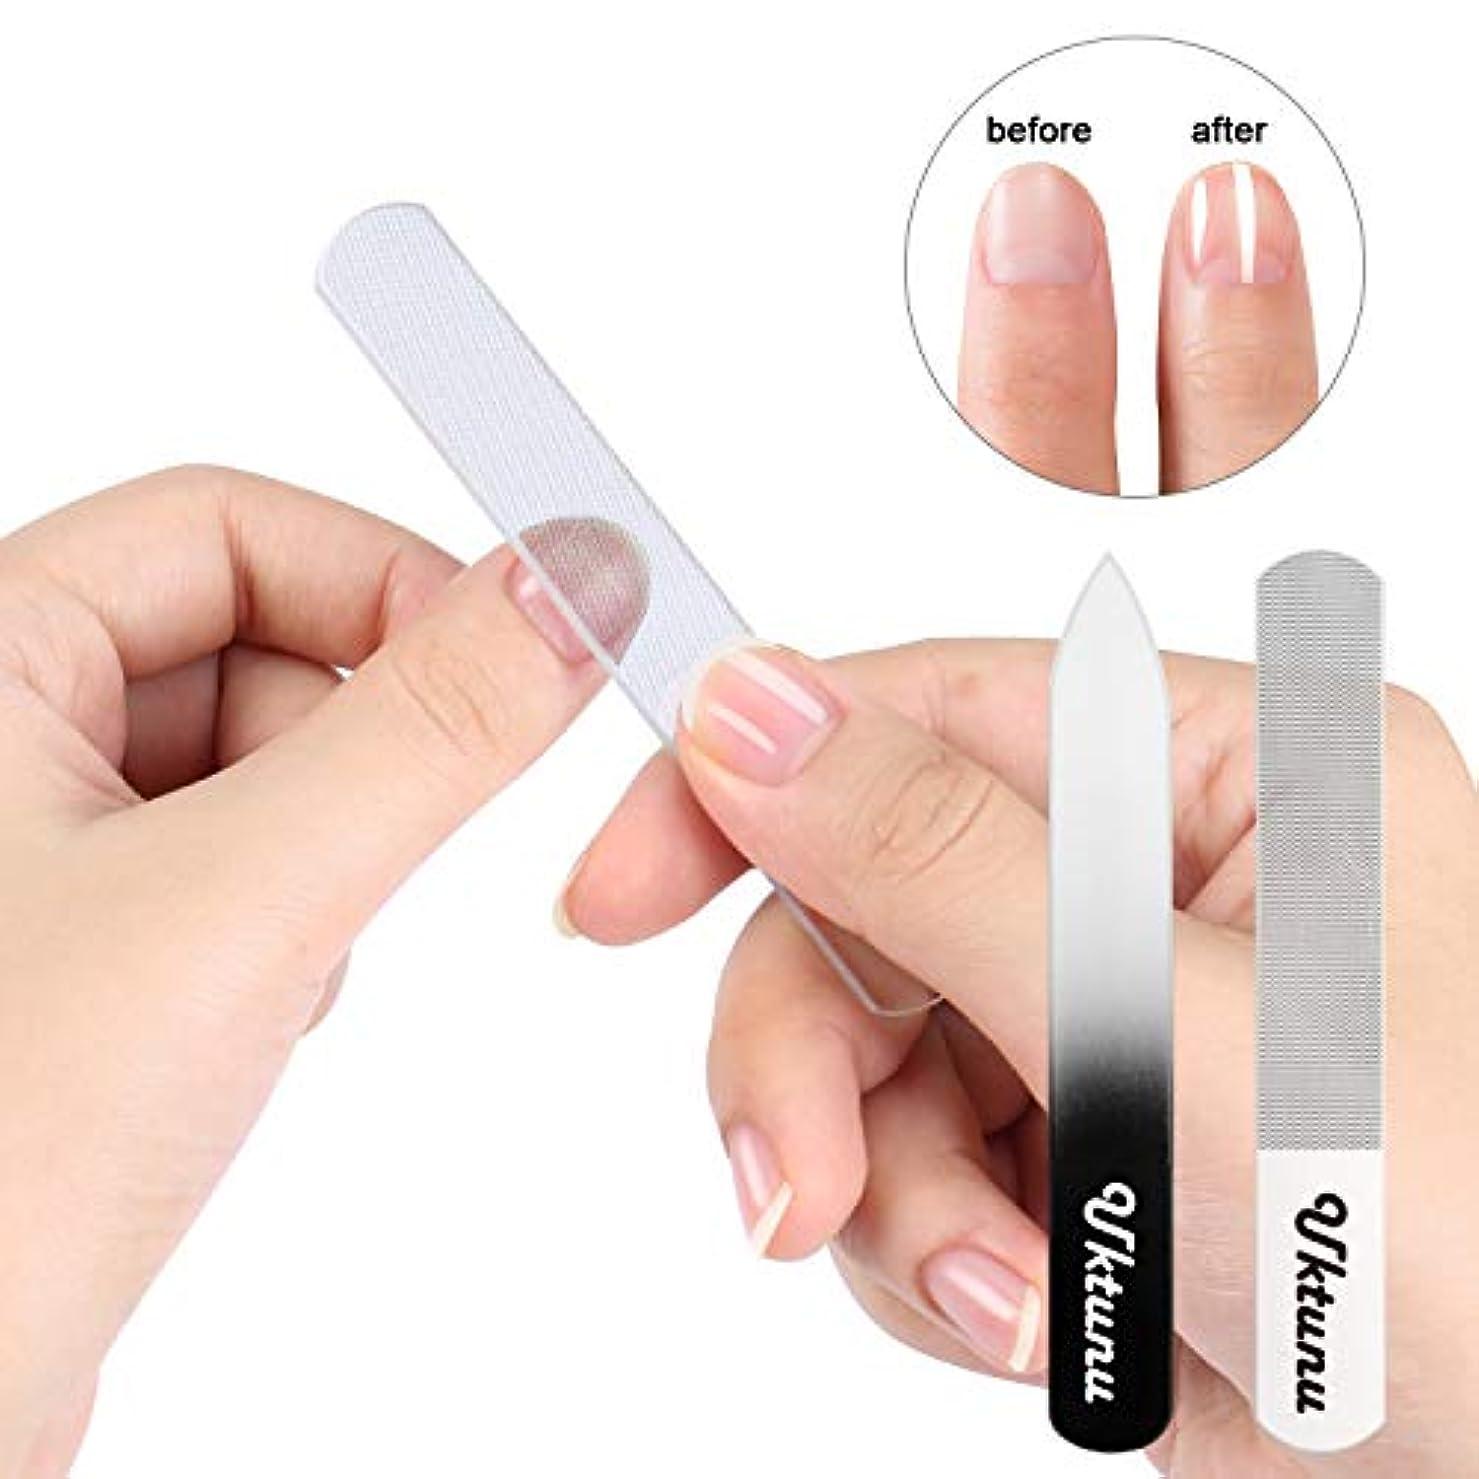 爪やすり Uktunu 爪磨き 5秒シャイン クリスタルガラス製 水洗い可 収納ケース 爪割れ 欠け爪補修 削りやすいネイルヤスリ ピカピカネイルファイル ネイルケア つや出し メンズ 子供 医者 妊婦